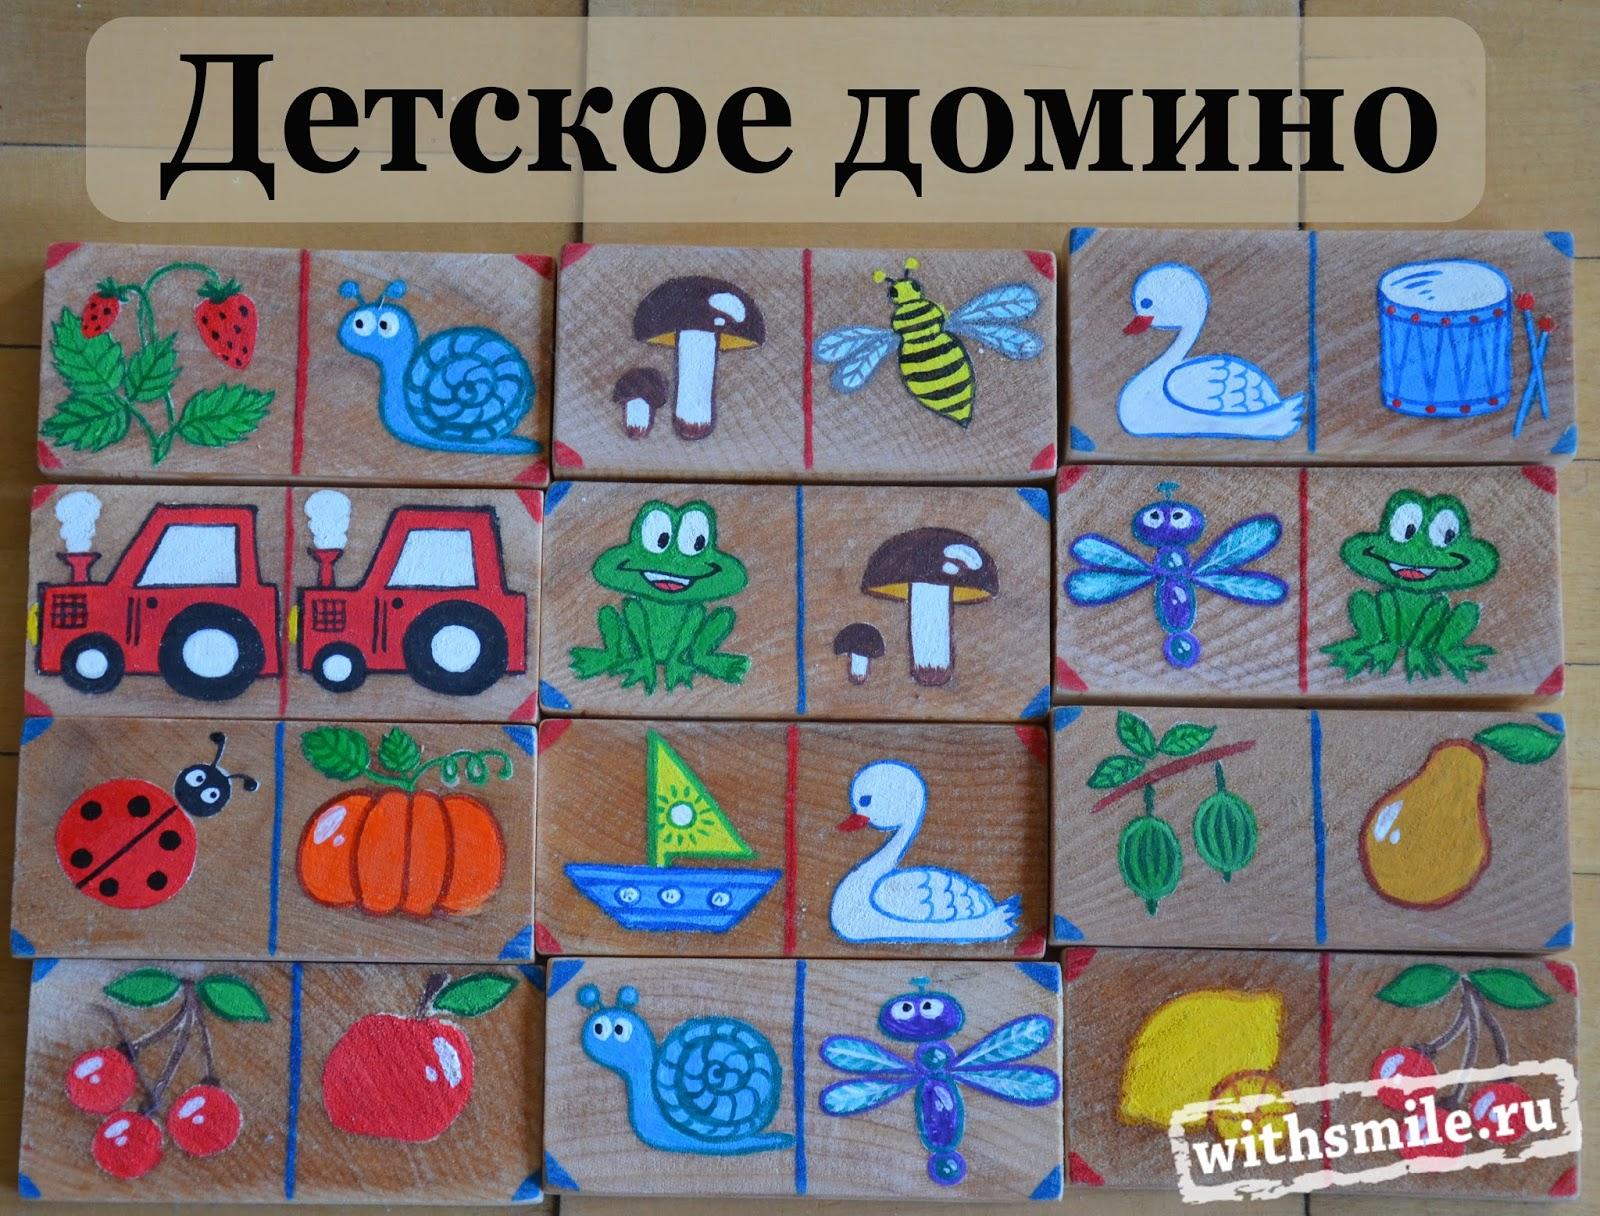 Детское домино своими руками картинки 64